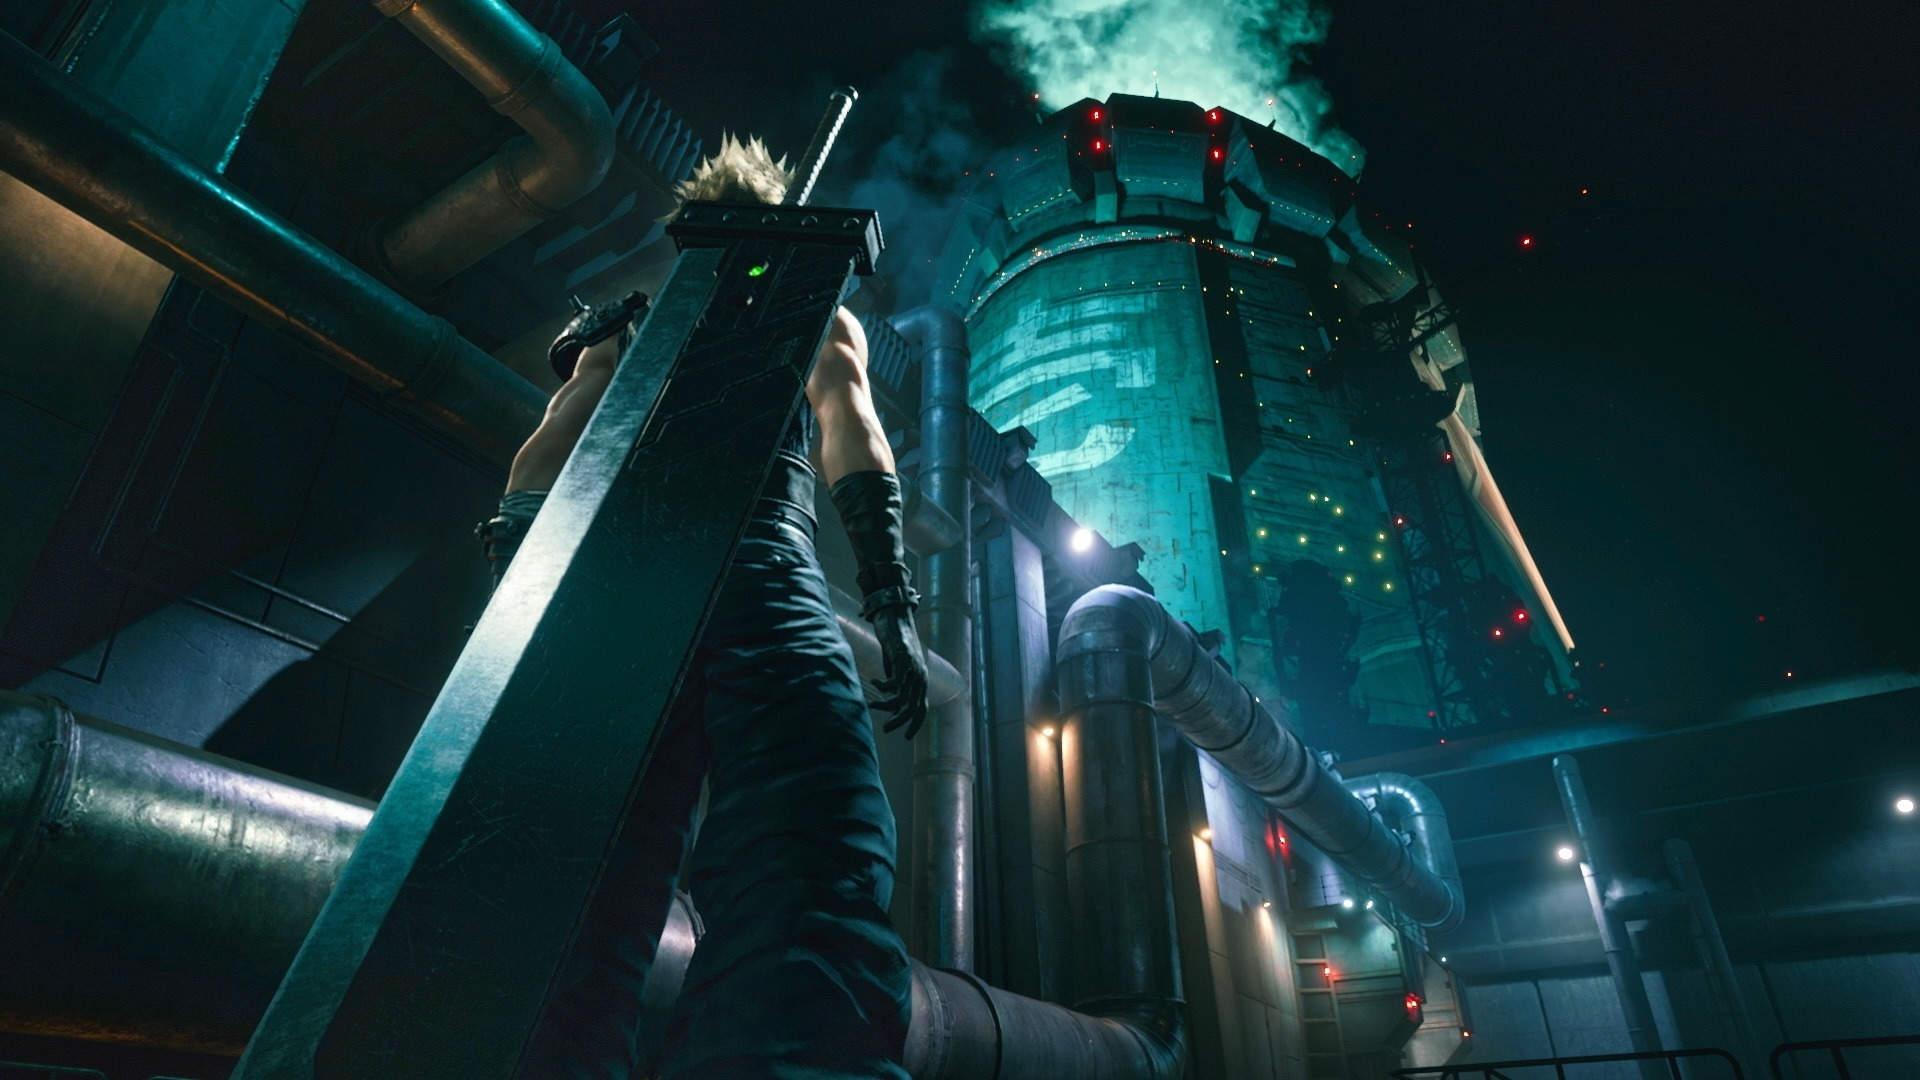 无法控制呀疫情影响最终幻想7重制版实体上架